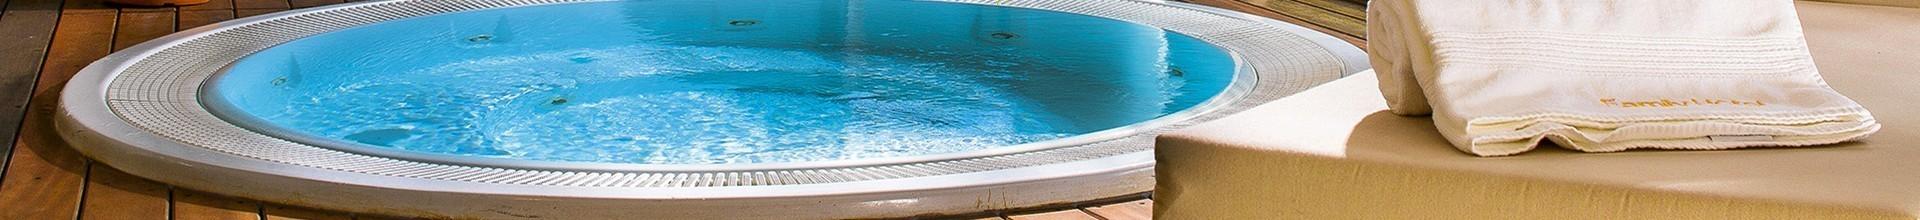 Vente spa en ligne direct fabricant, produit français Pays  Luxembourg